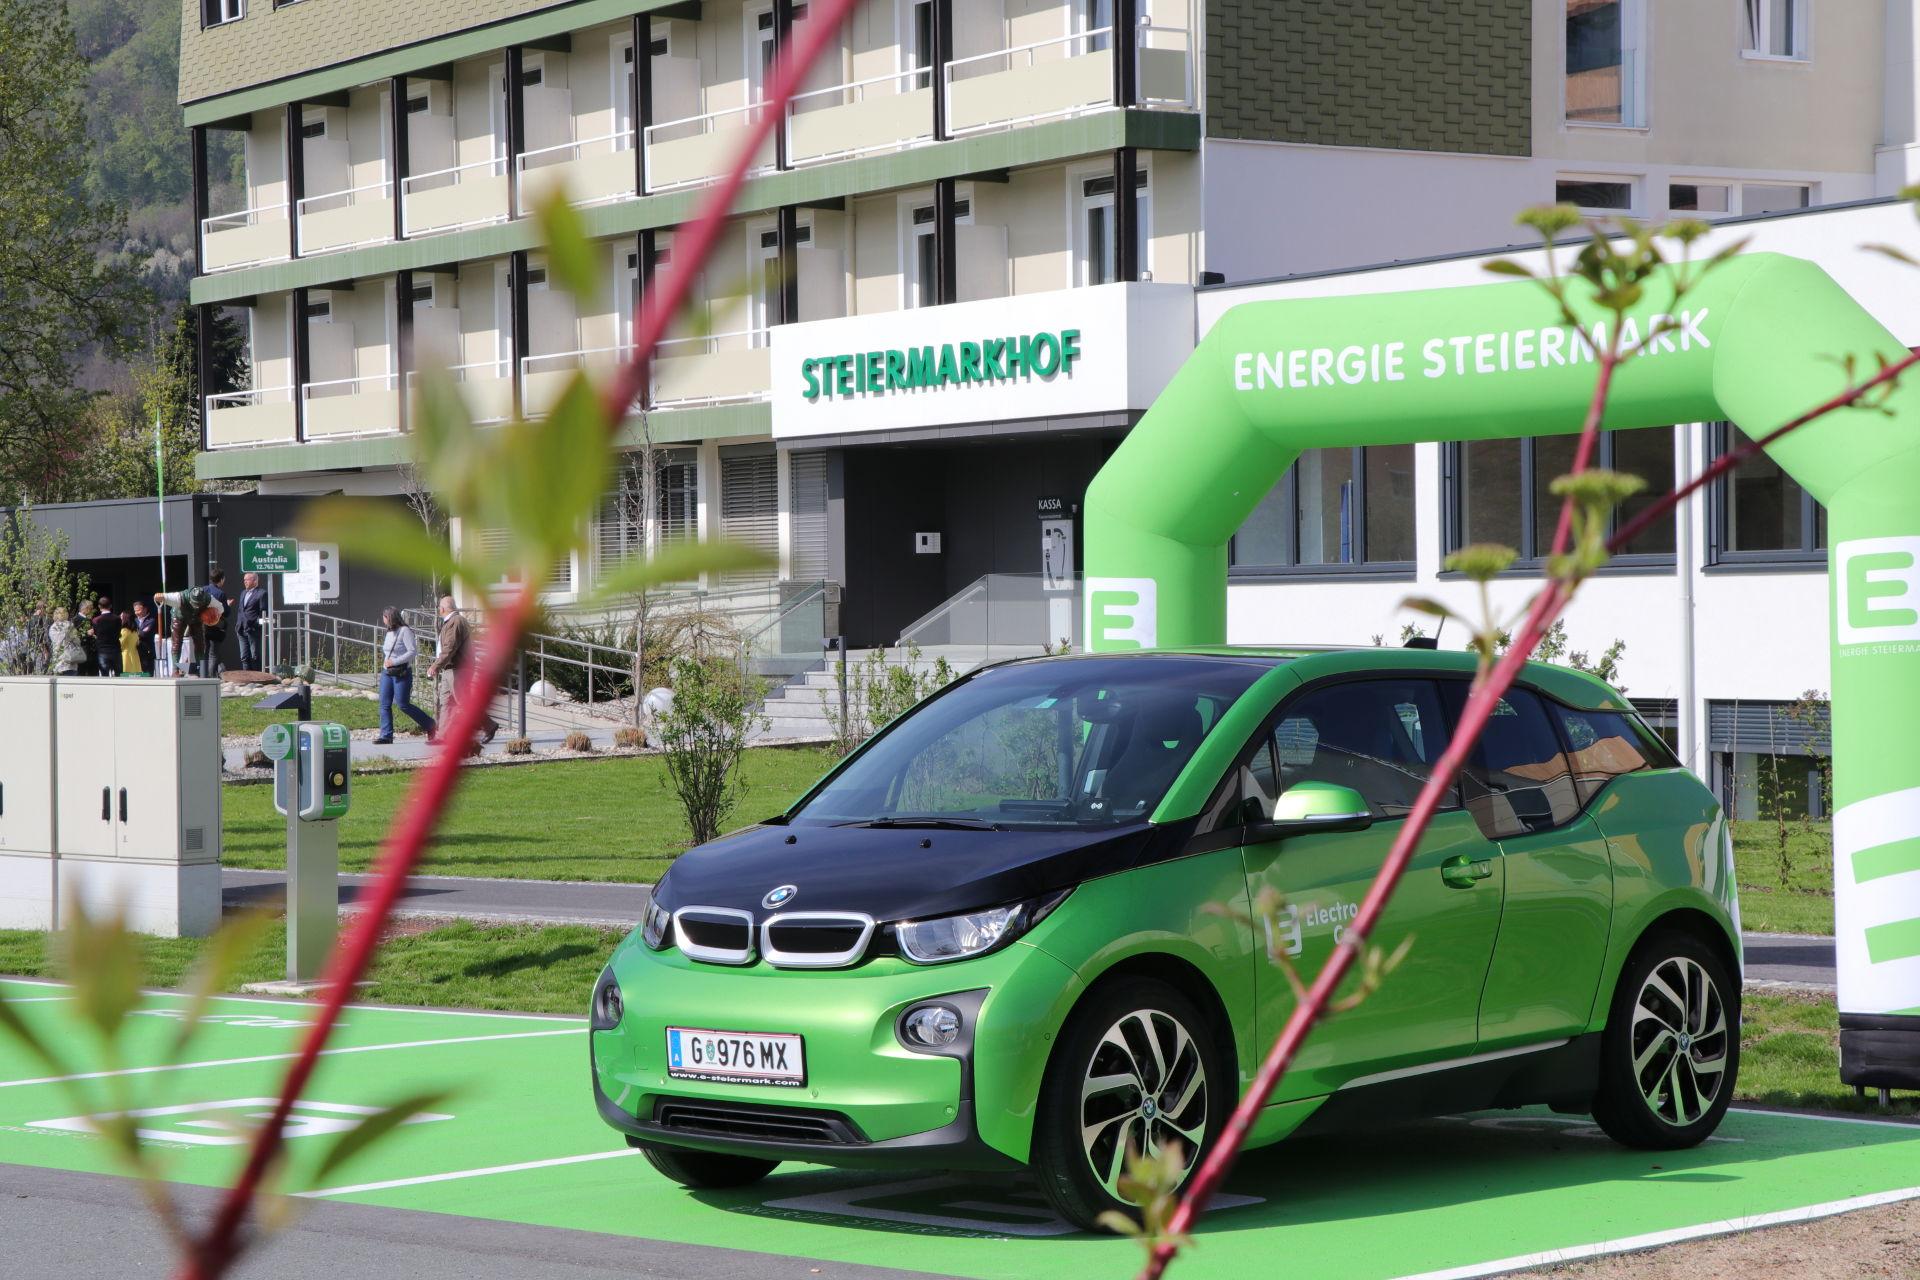 Die grünen Markierungen kennzeichnen die neuen E-Tankstellen am Steiermarkhof. © Roman Musch